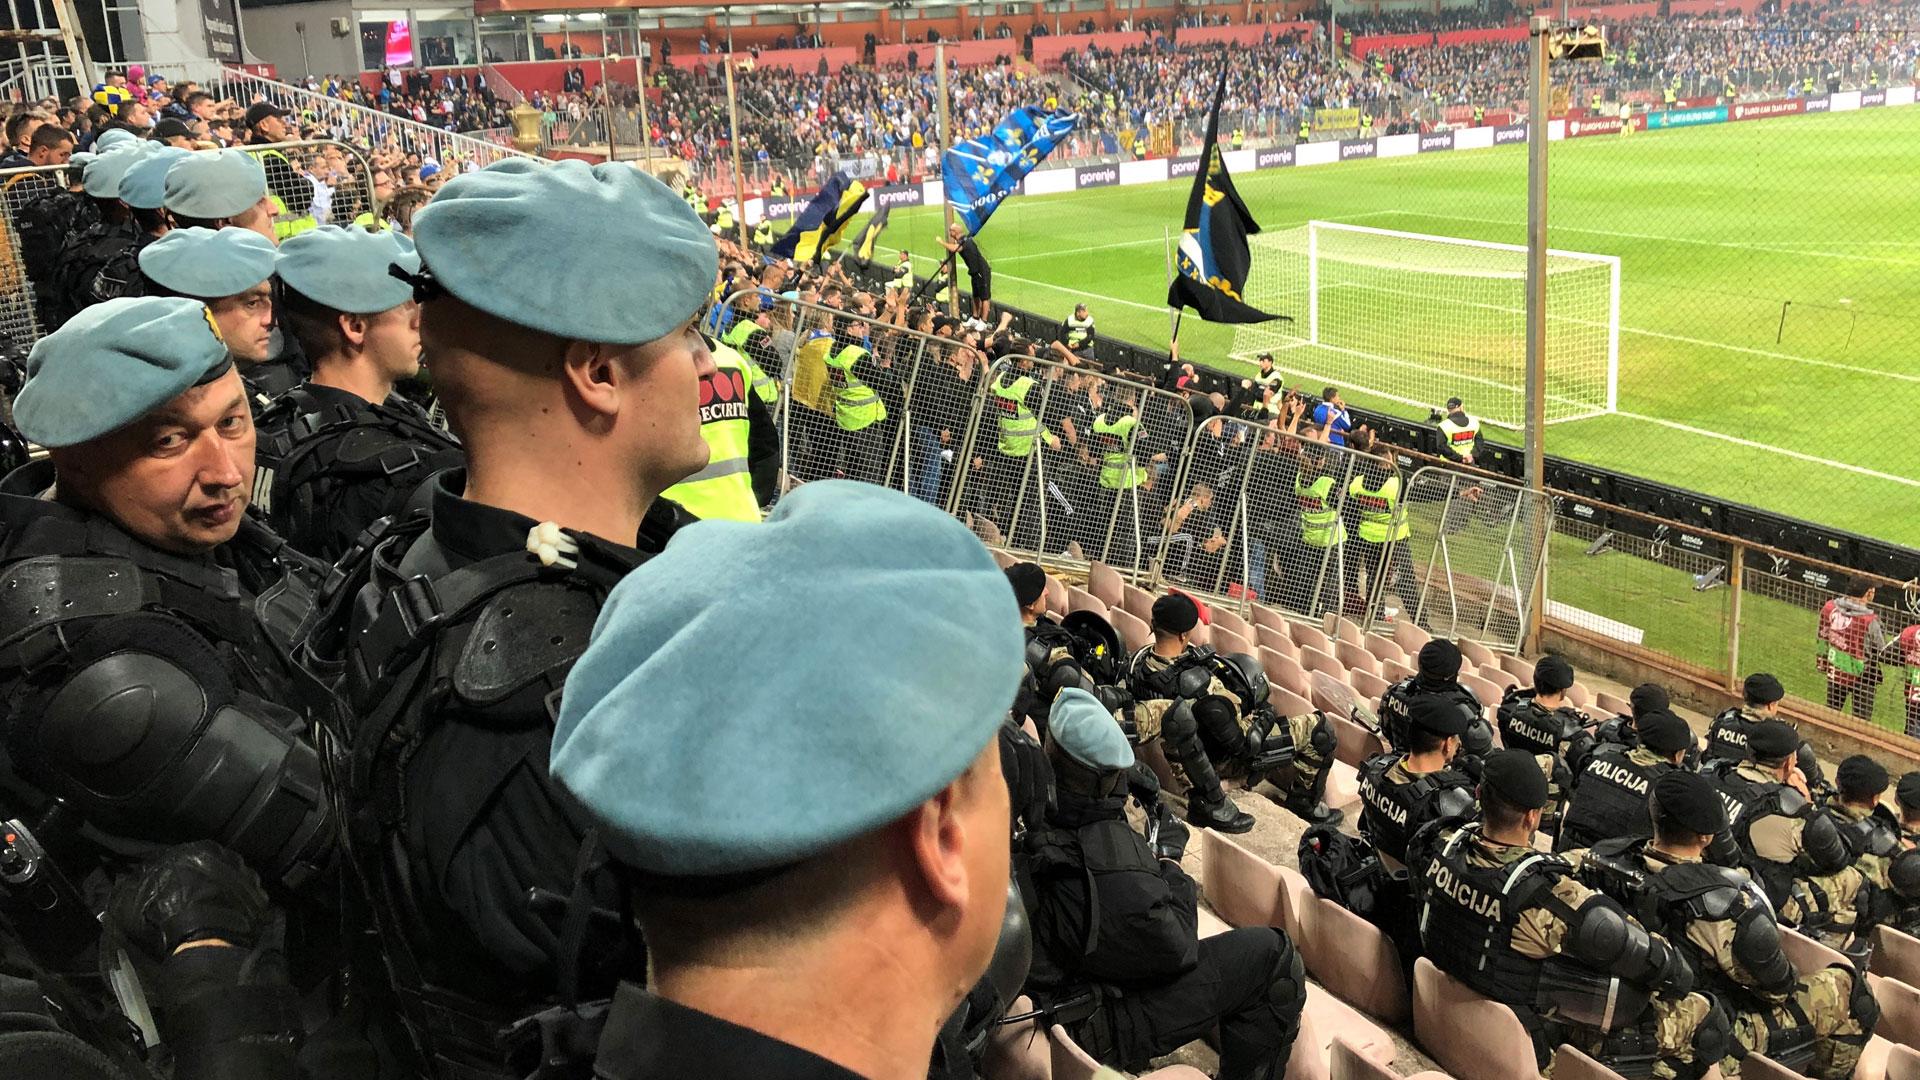 Metallihäkki sekä sadat järeästi aseistetut poliisivat varmistivat, että suomalaiset ja bosnialaiset eivät pääse tekemisiin toistensa kanssa.